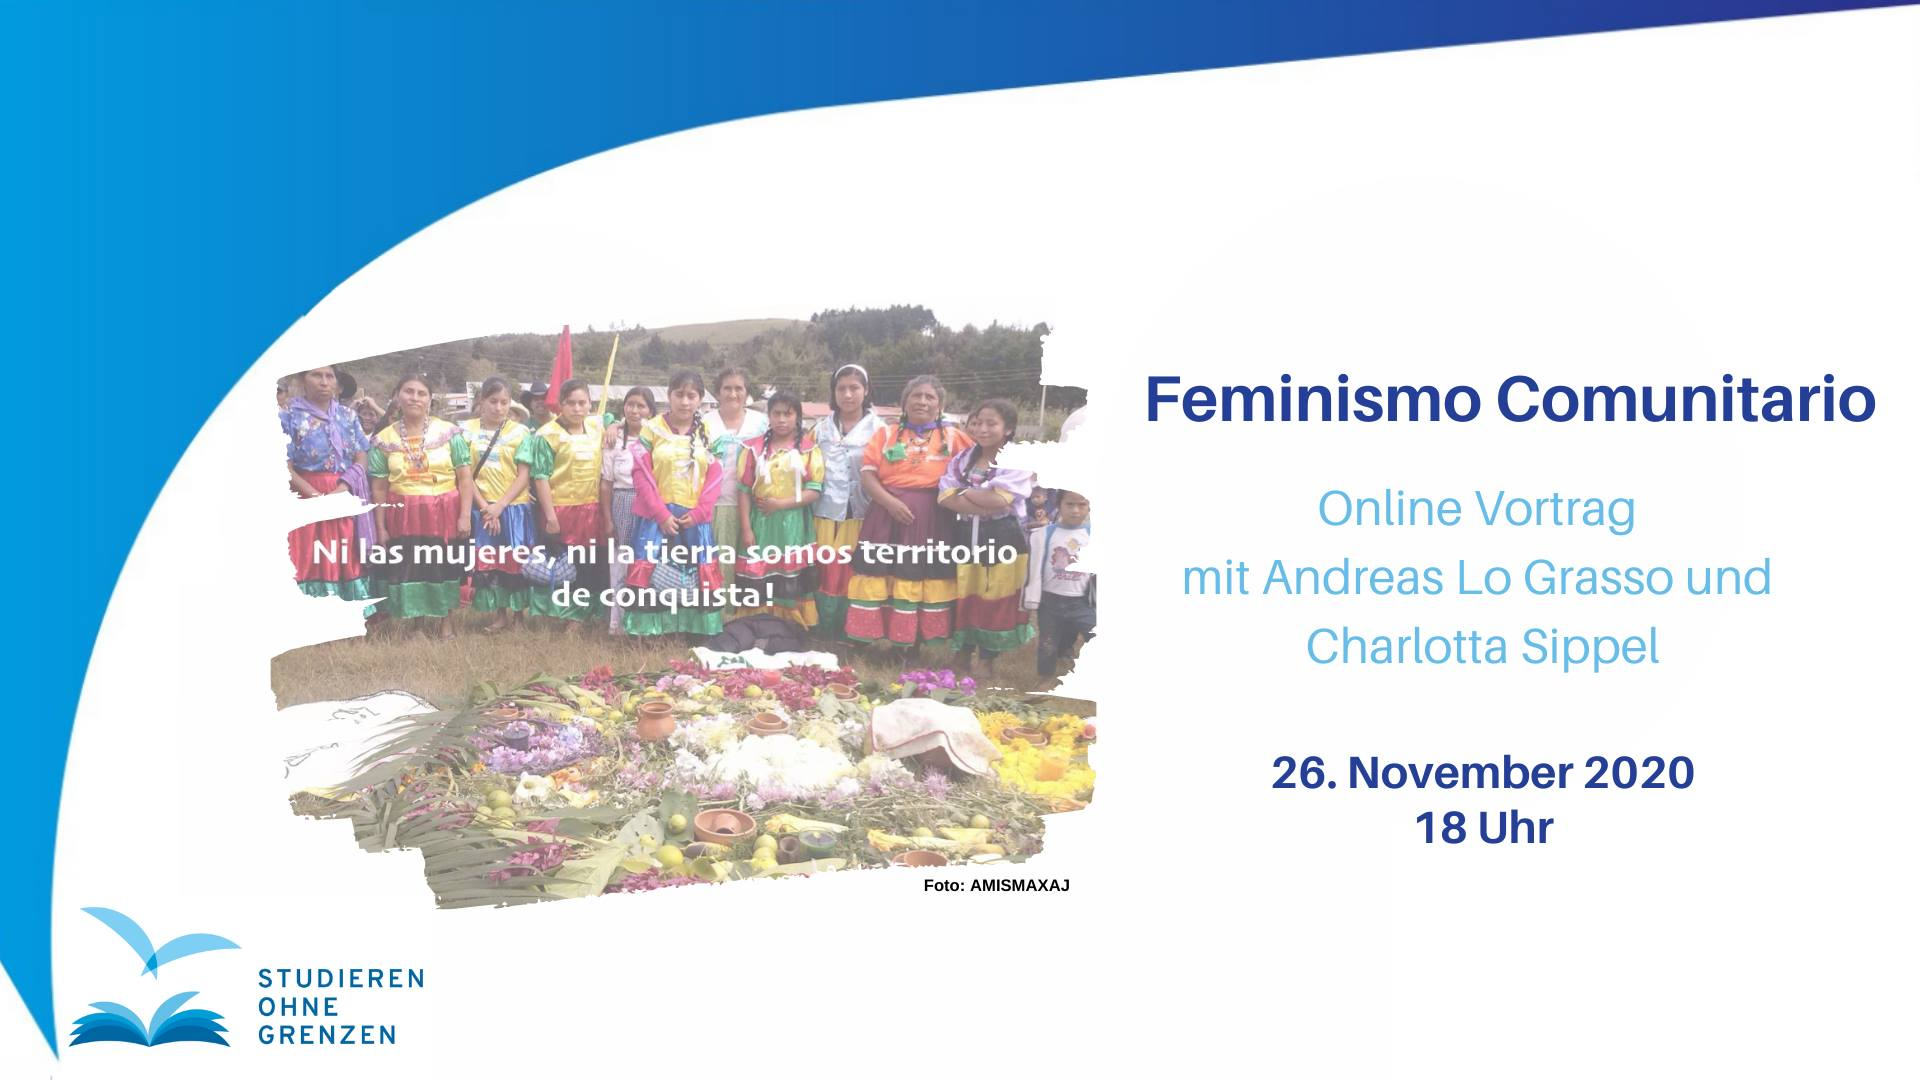 Feminismo Comunitario